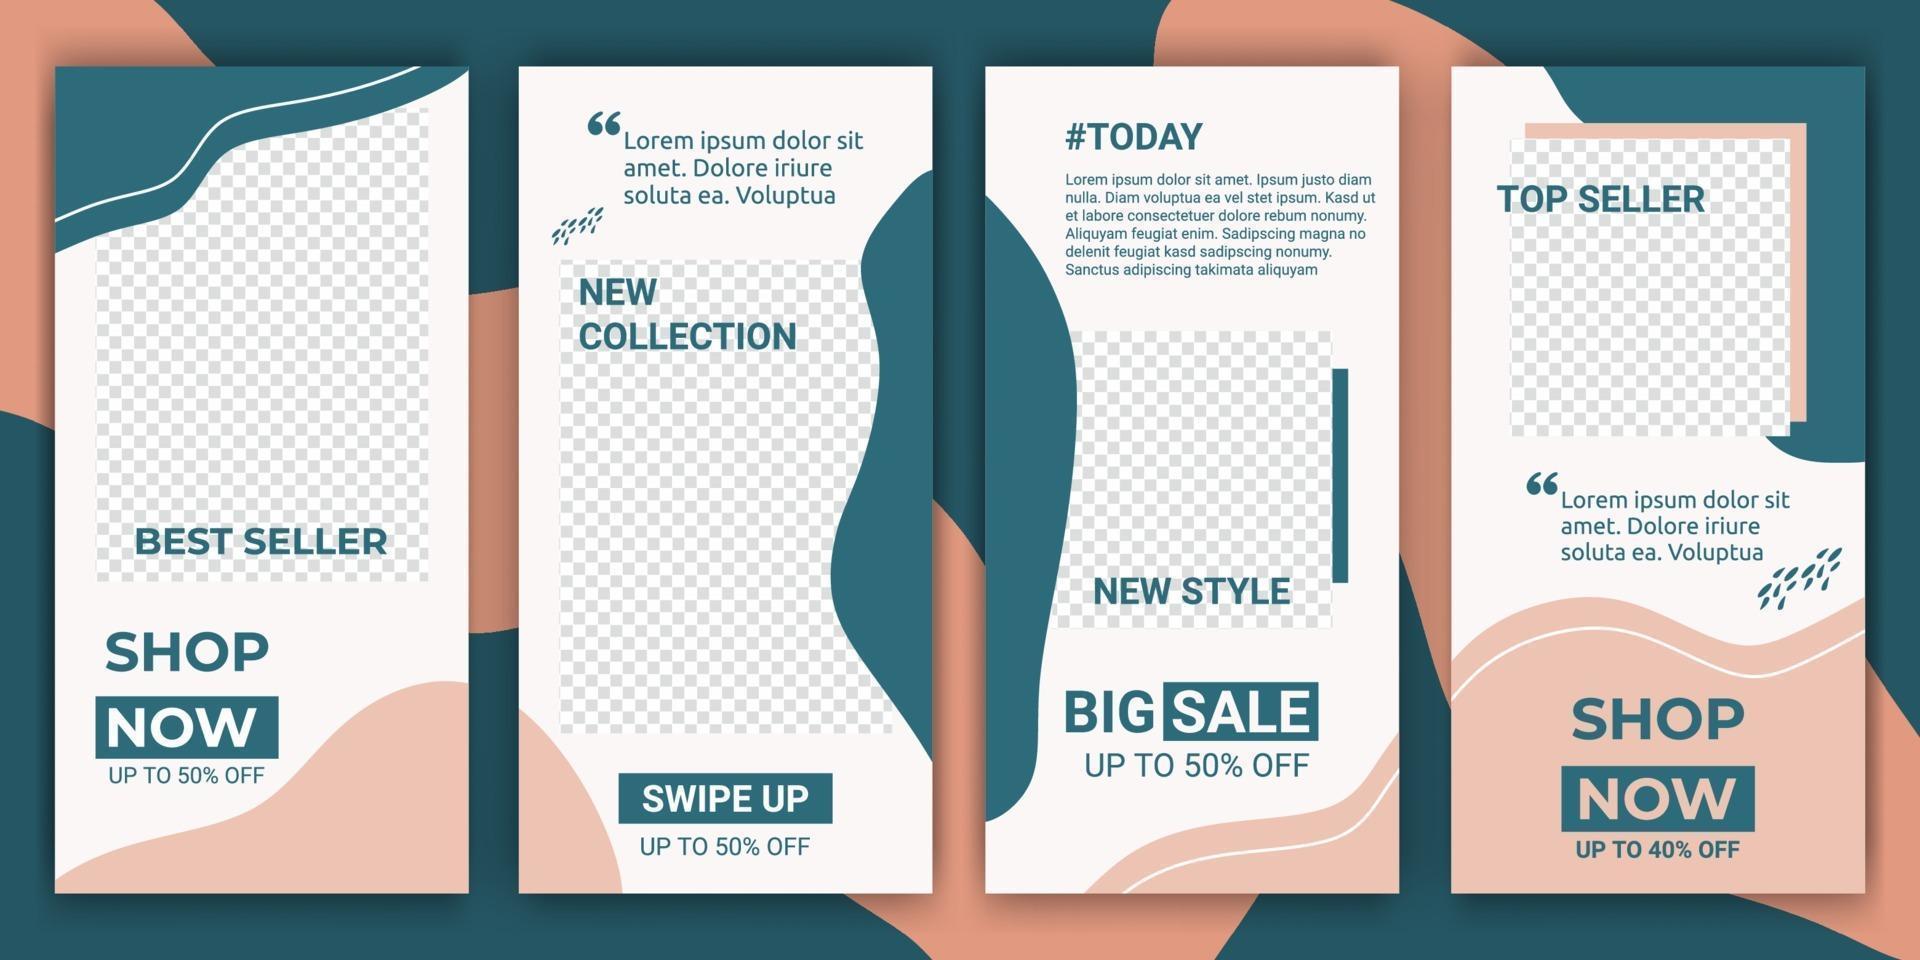 sociala medier ram ange bakgrundsmall med rosa pastell och blå vätska enkel elegant minimalistisk stil. design bakgrunder för sociala medier. vektor illustration